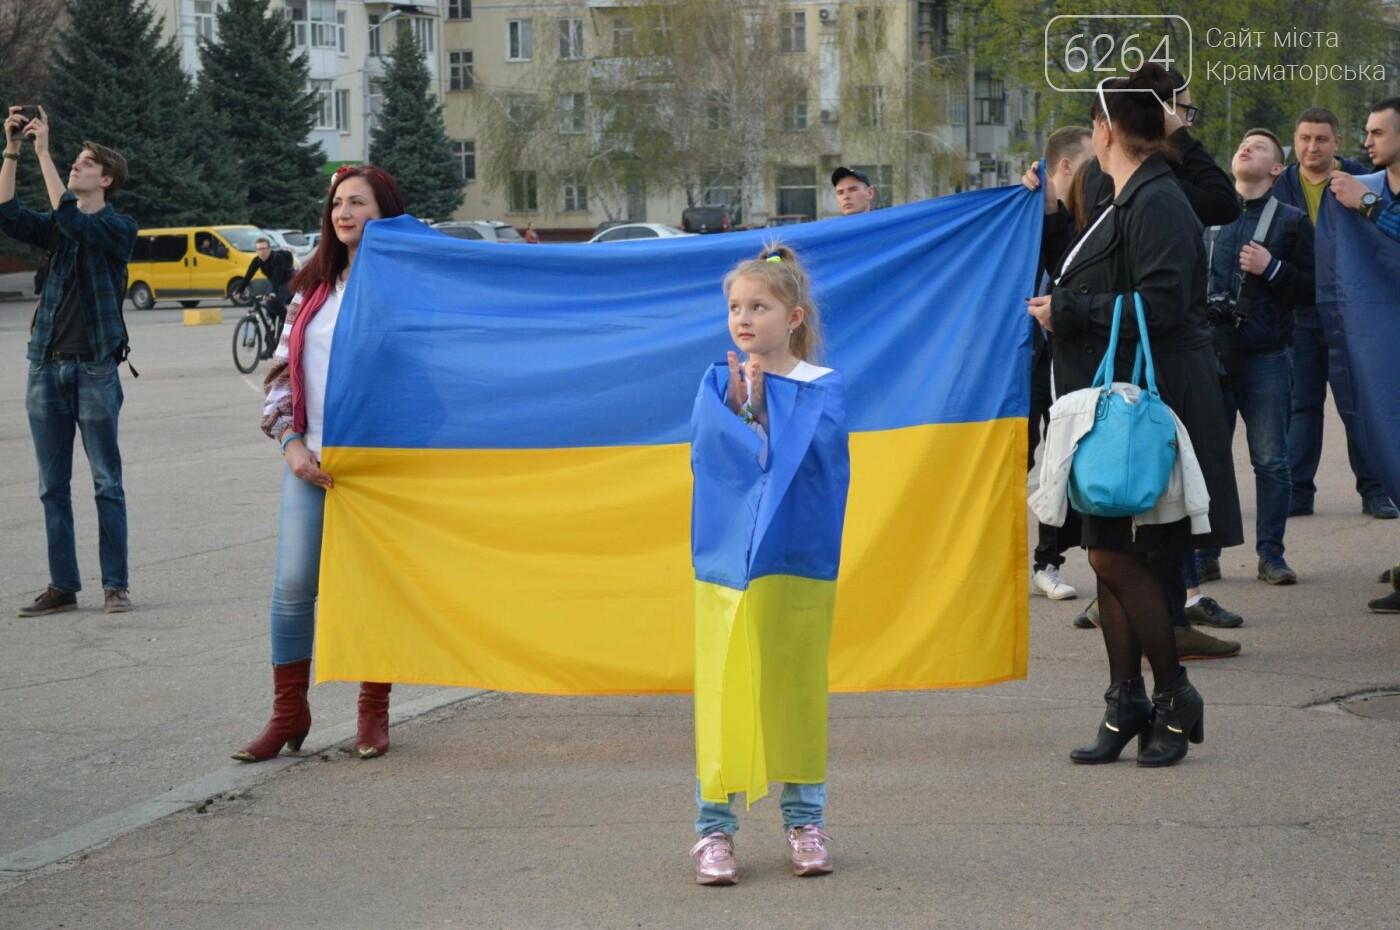 «Хай пам'ятає кремлівська тварина: Краматорськ – це Україна»: центром міста пройшов марш єдності, фото-9